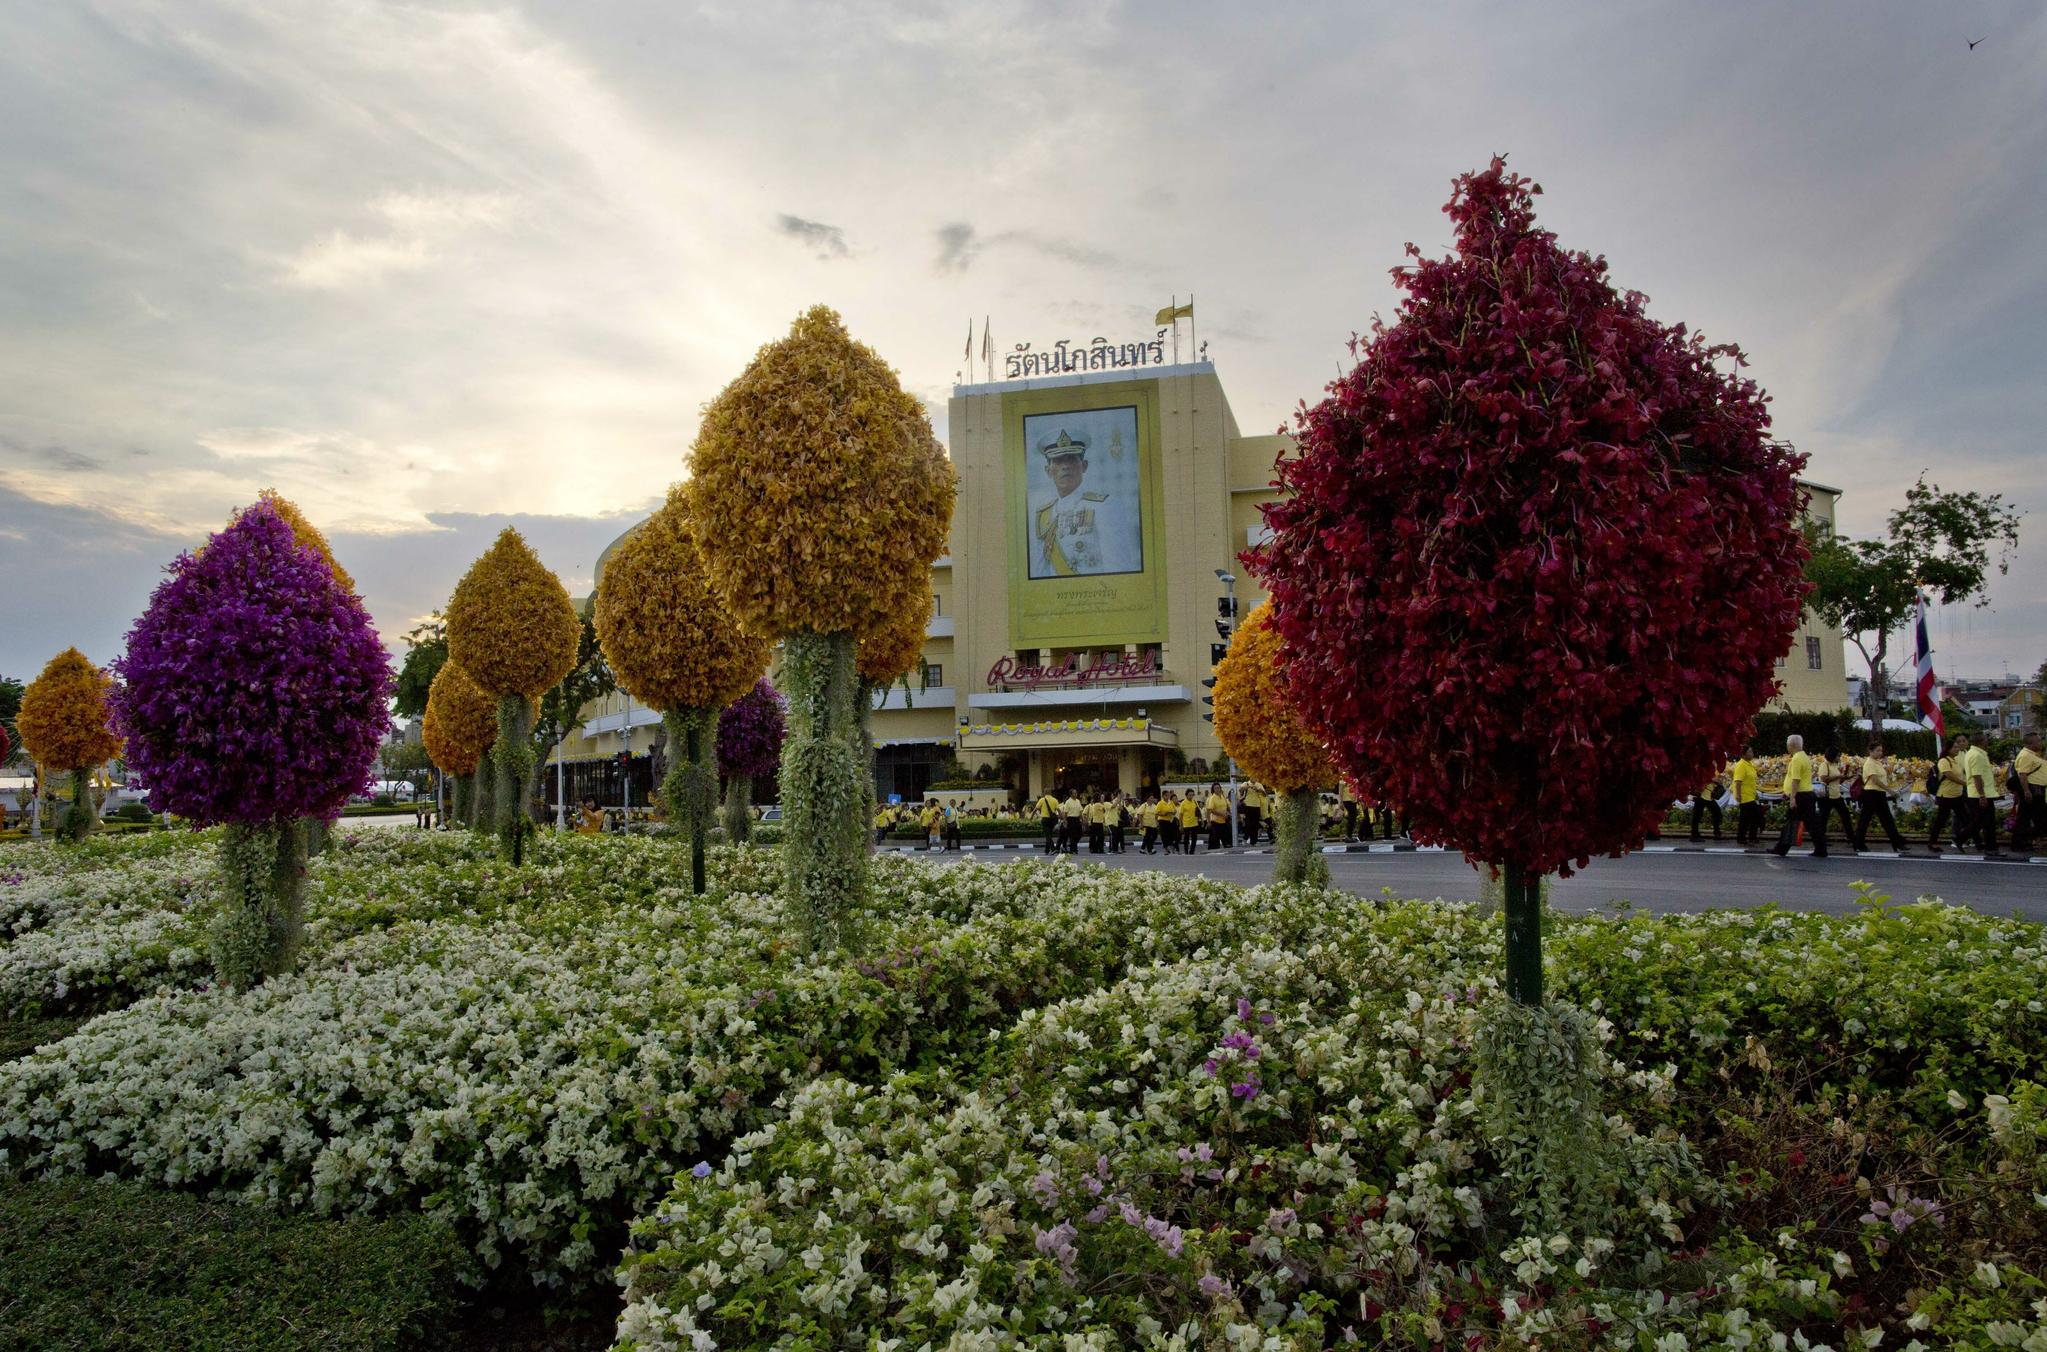 노란 옷을 입은 태국 국민들이 화려한 꽃으로 장식된 길을 따라 국왕의 대관식 행렬을 보기 위해 이동하고 있다. [AP=연합뉴스]